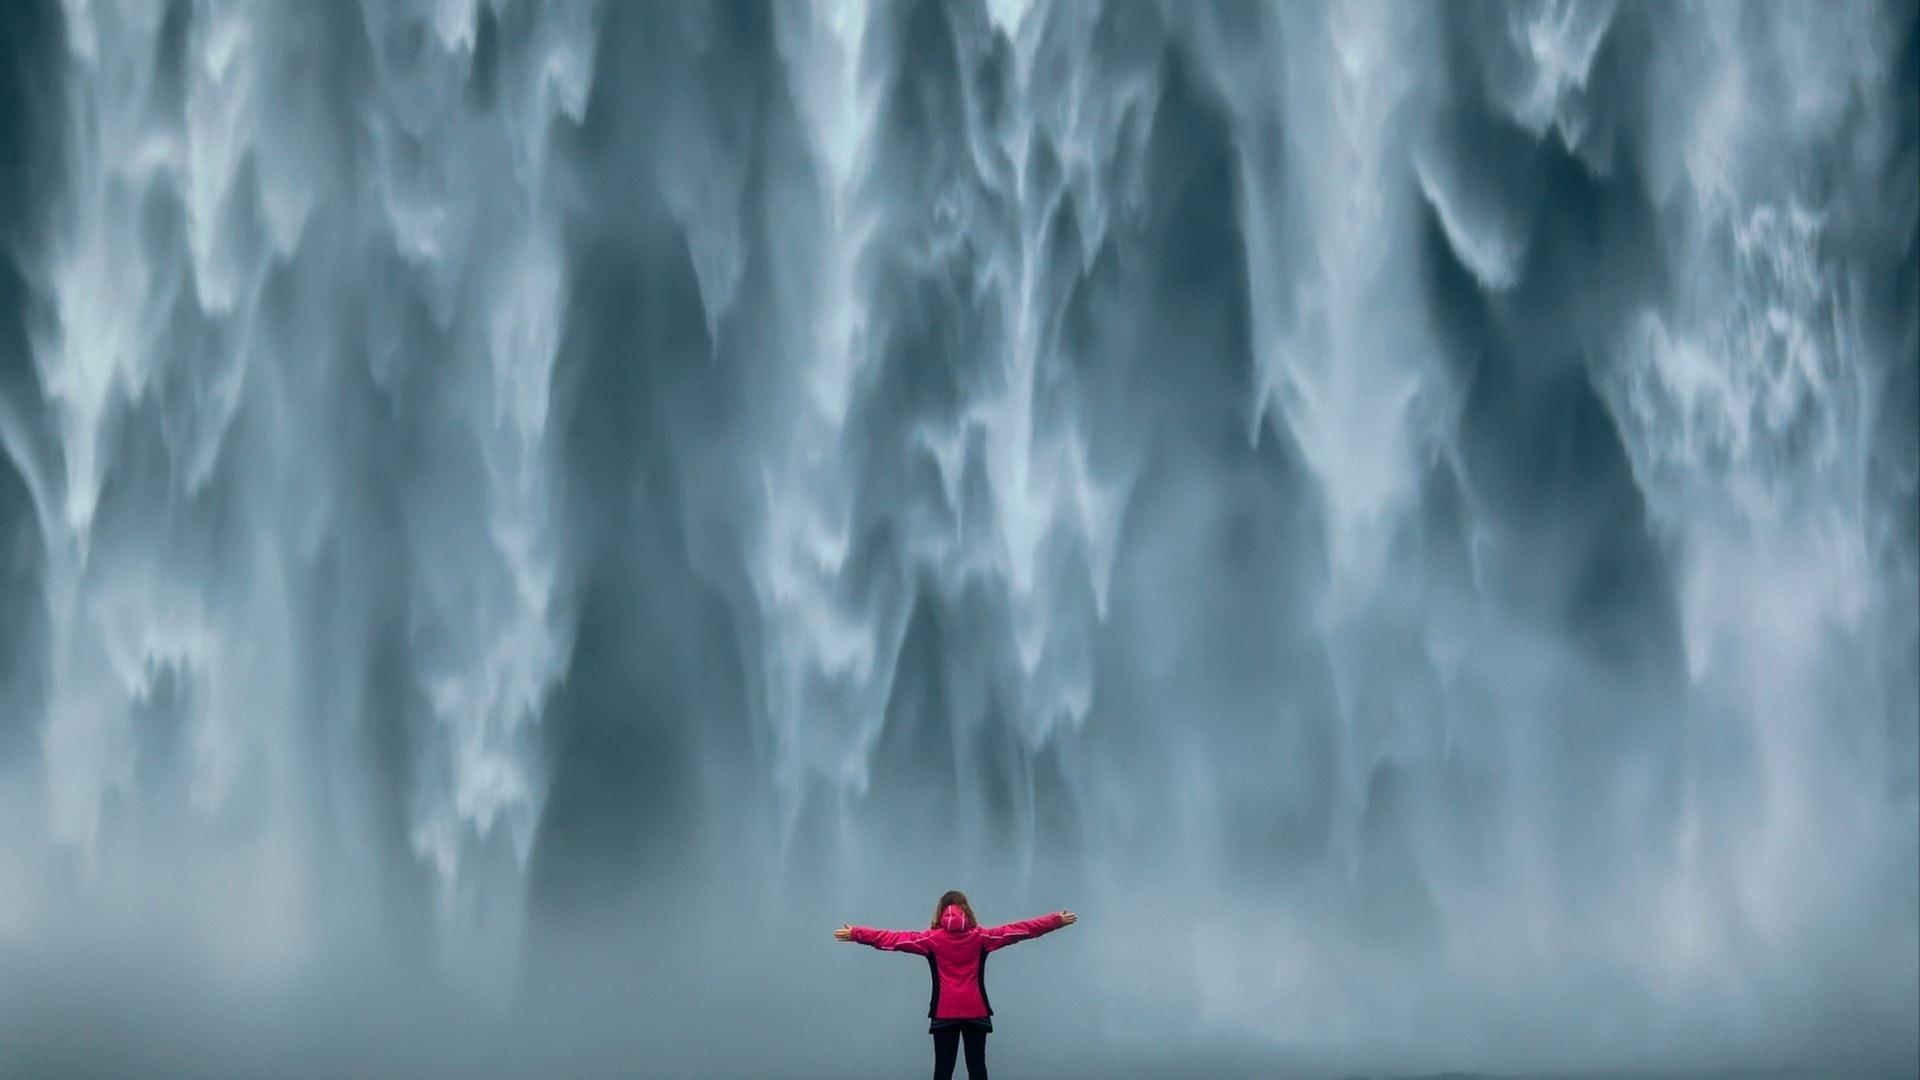 Fille courageuse qui se tenait fièrement debout avec ses bras levés devant le mur d'eau de puissante chute d'eau.